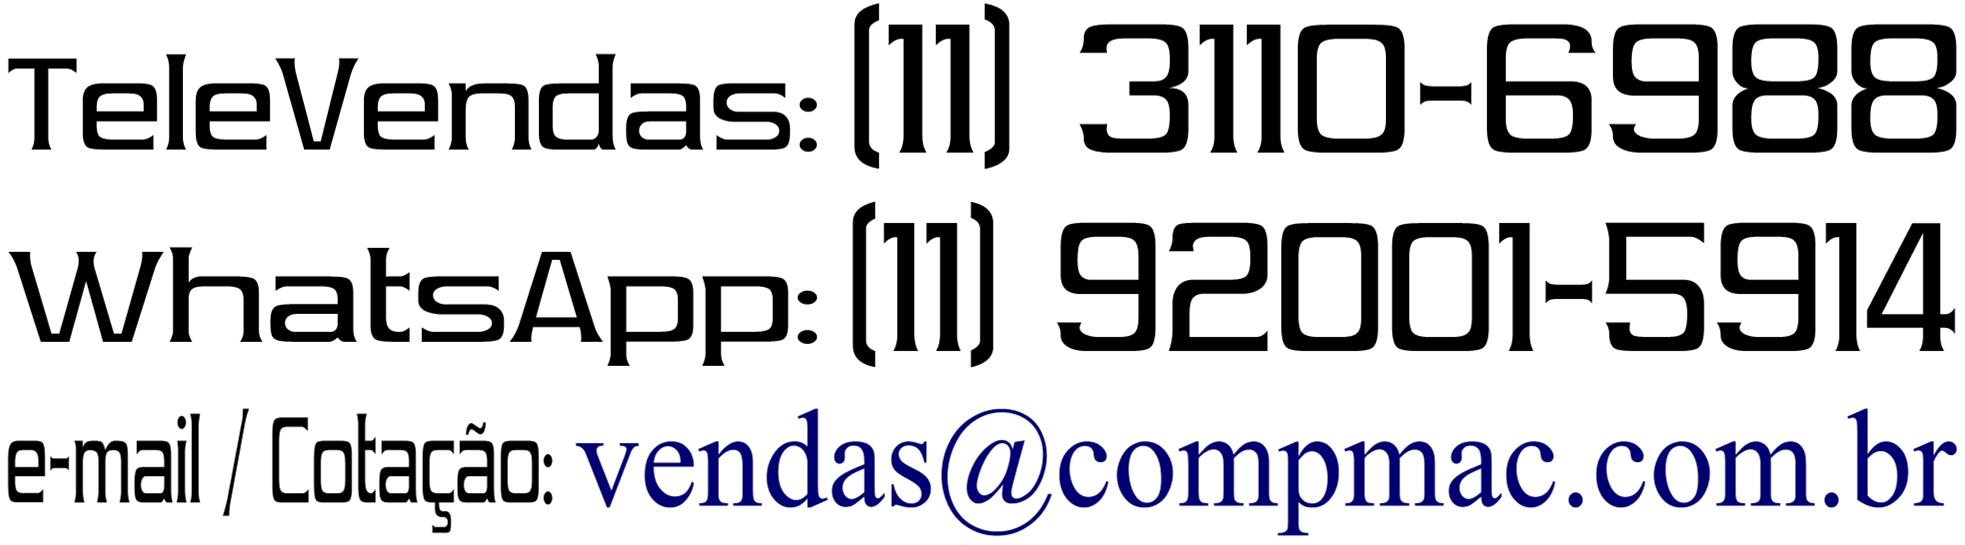 Central de Atendimento (Televendas e OnLine) das 08:00hs às 18:00hs